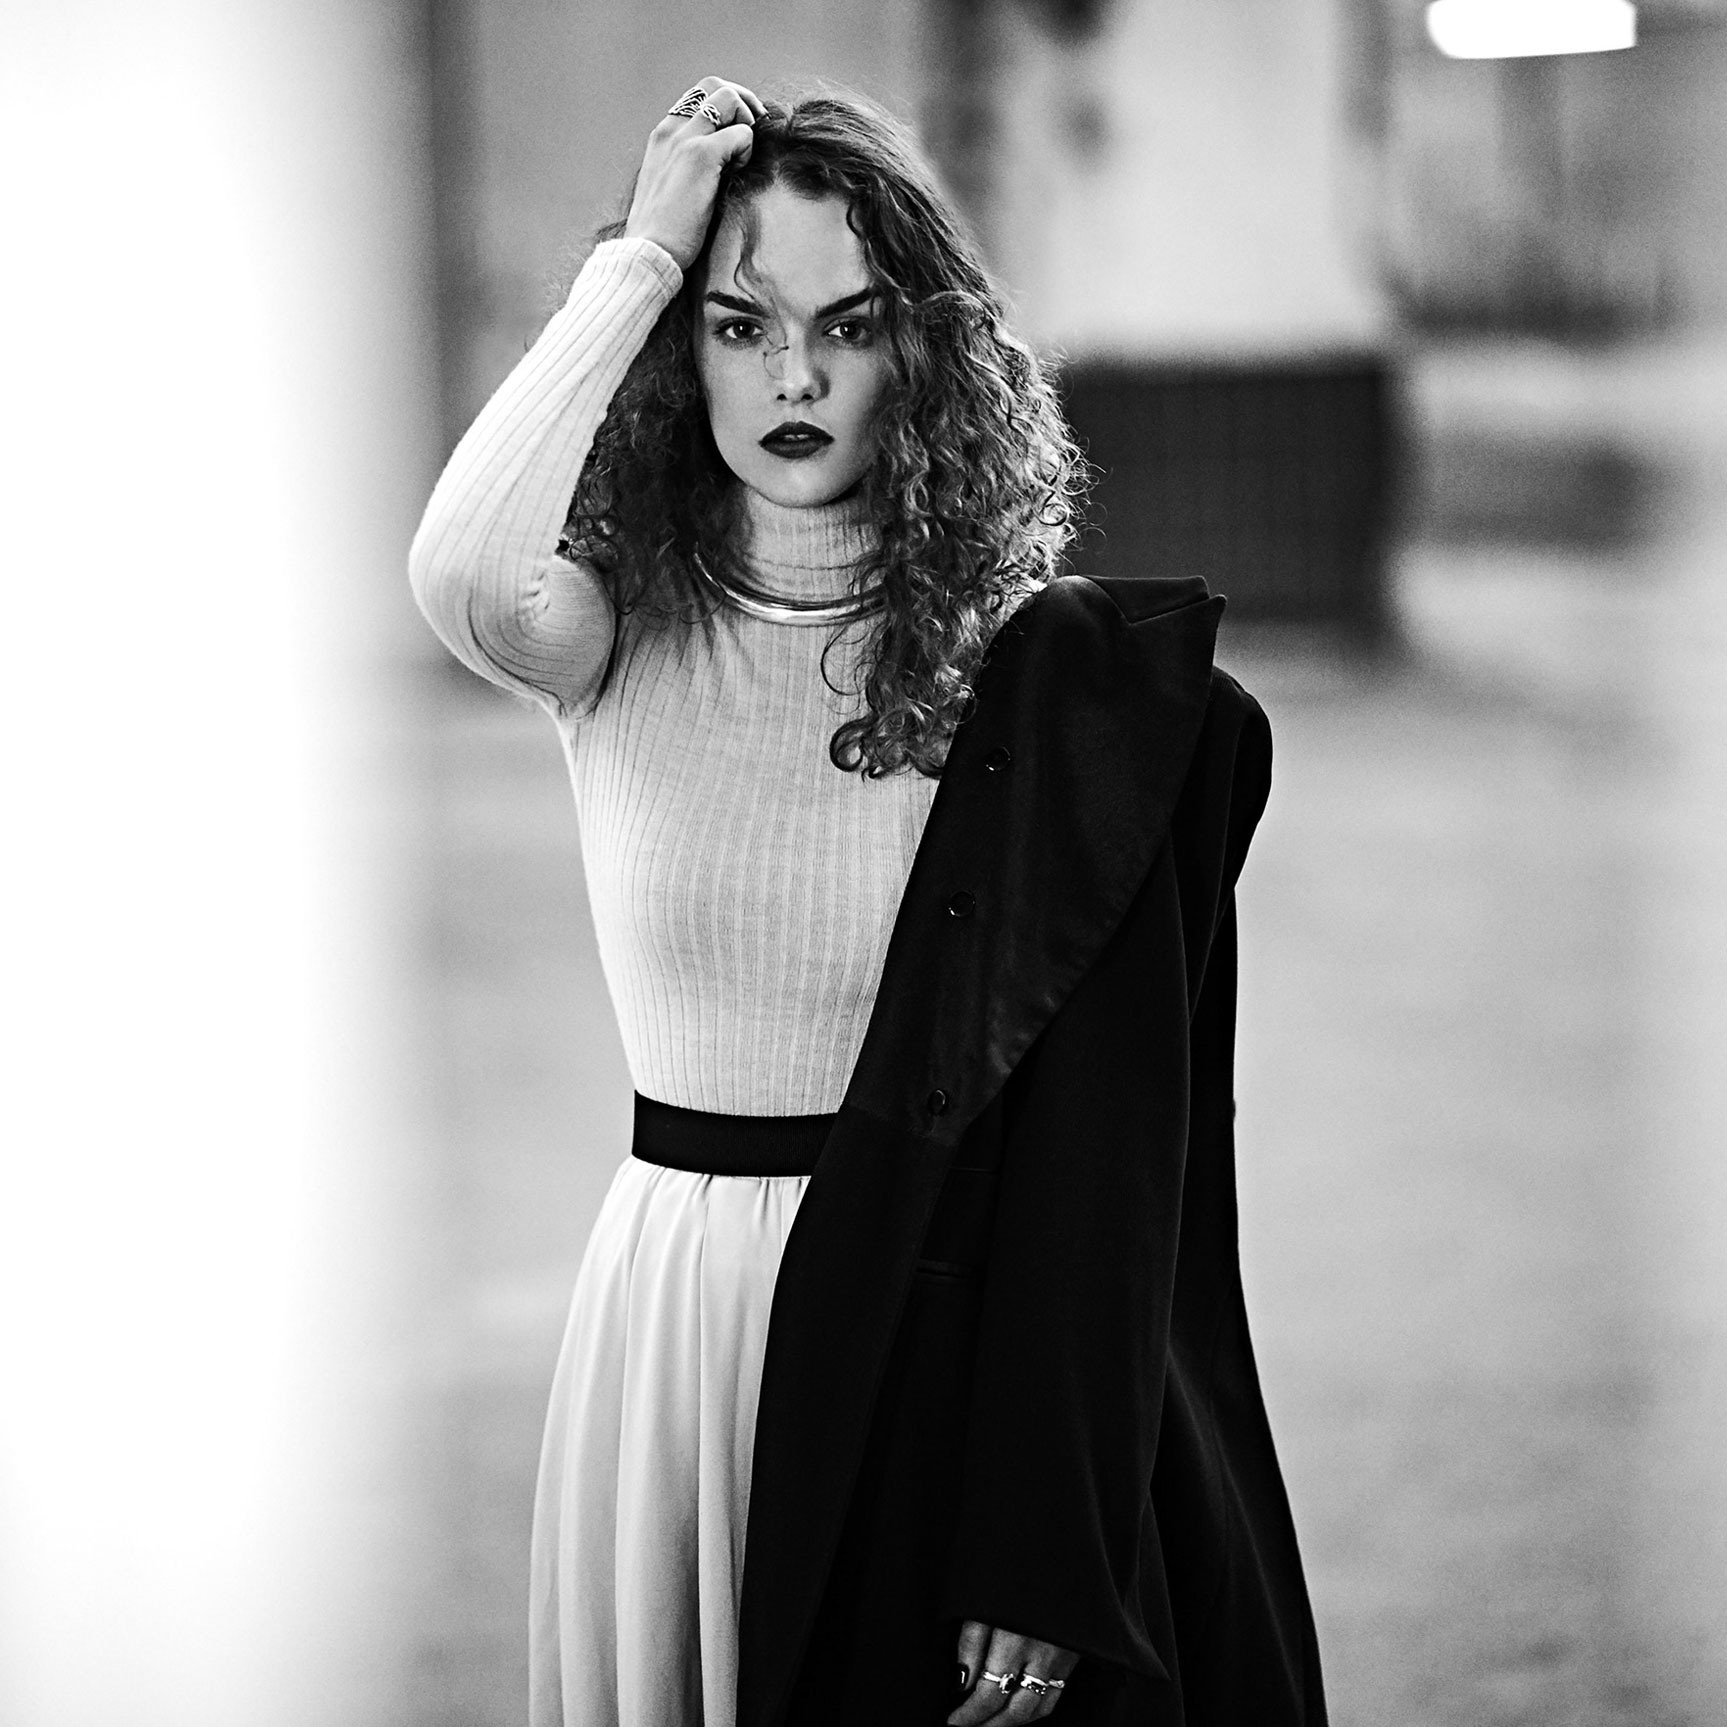 Модный показ в исполнении Юлии Кондрашовой / фото 05